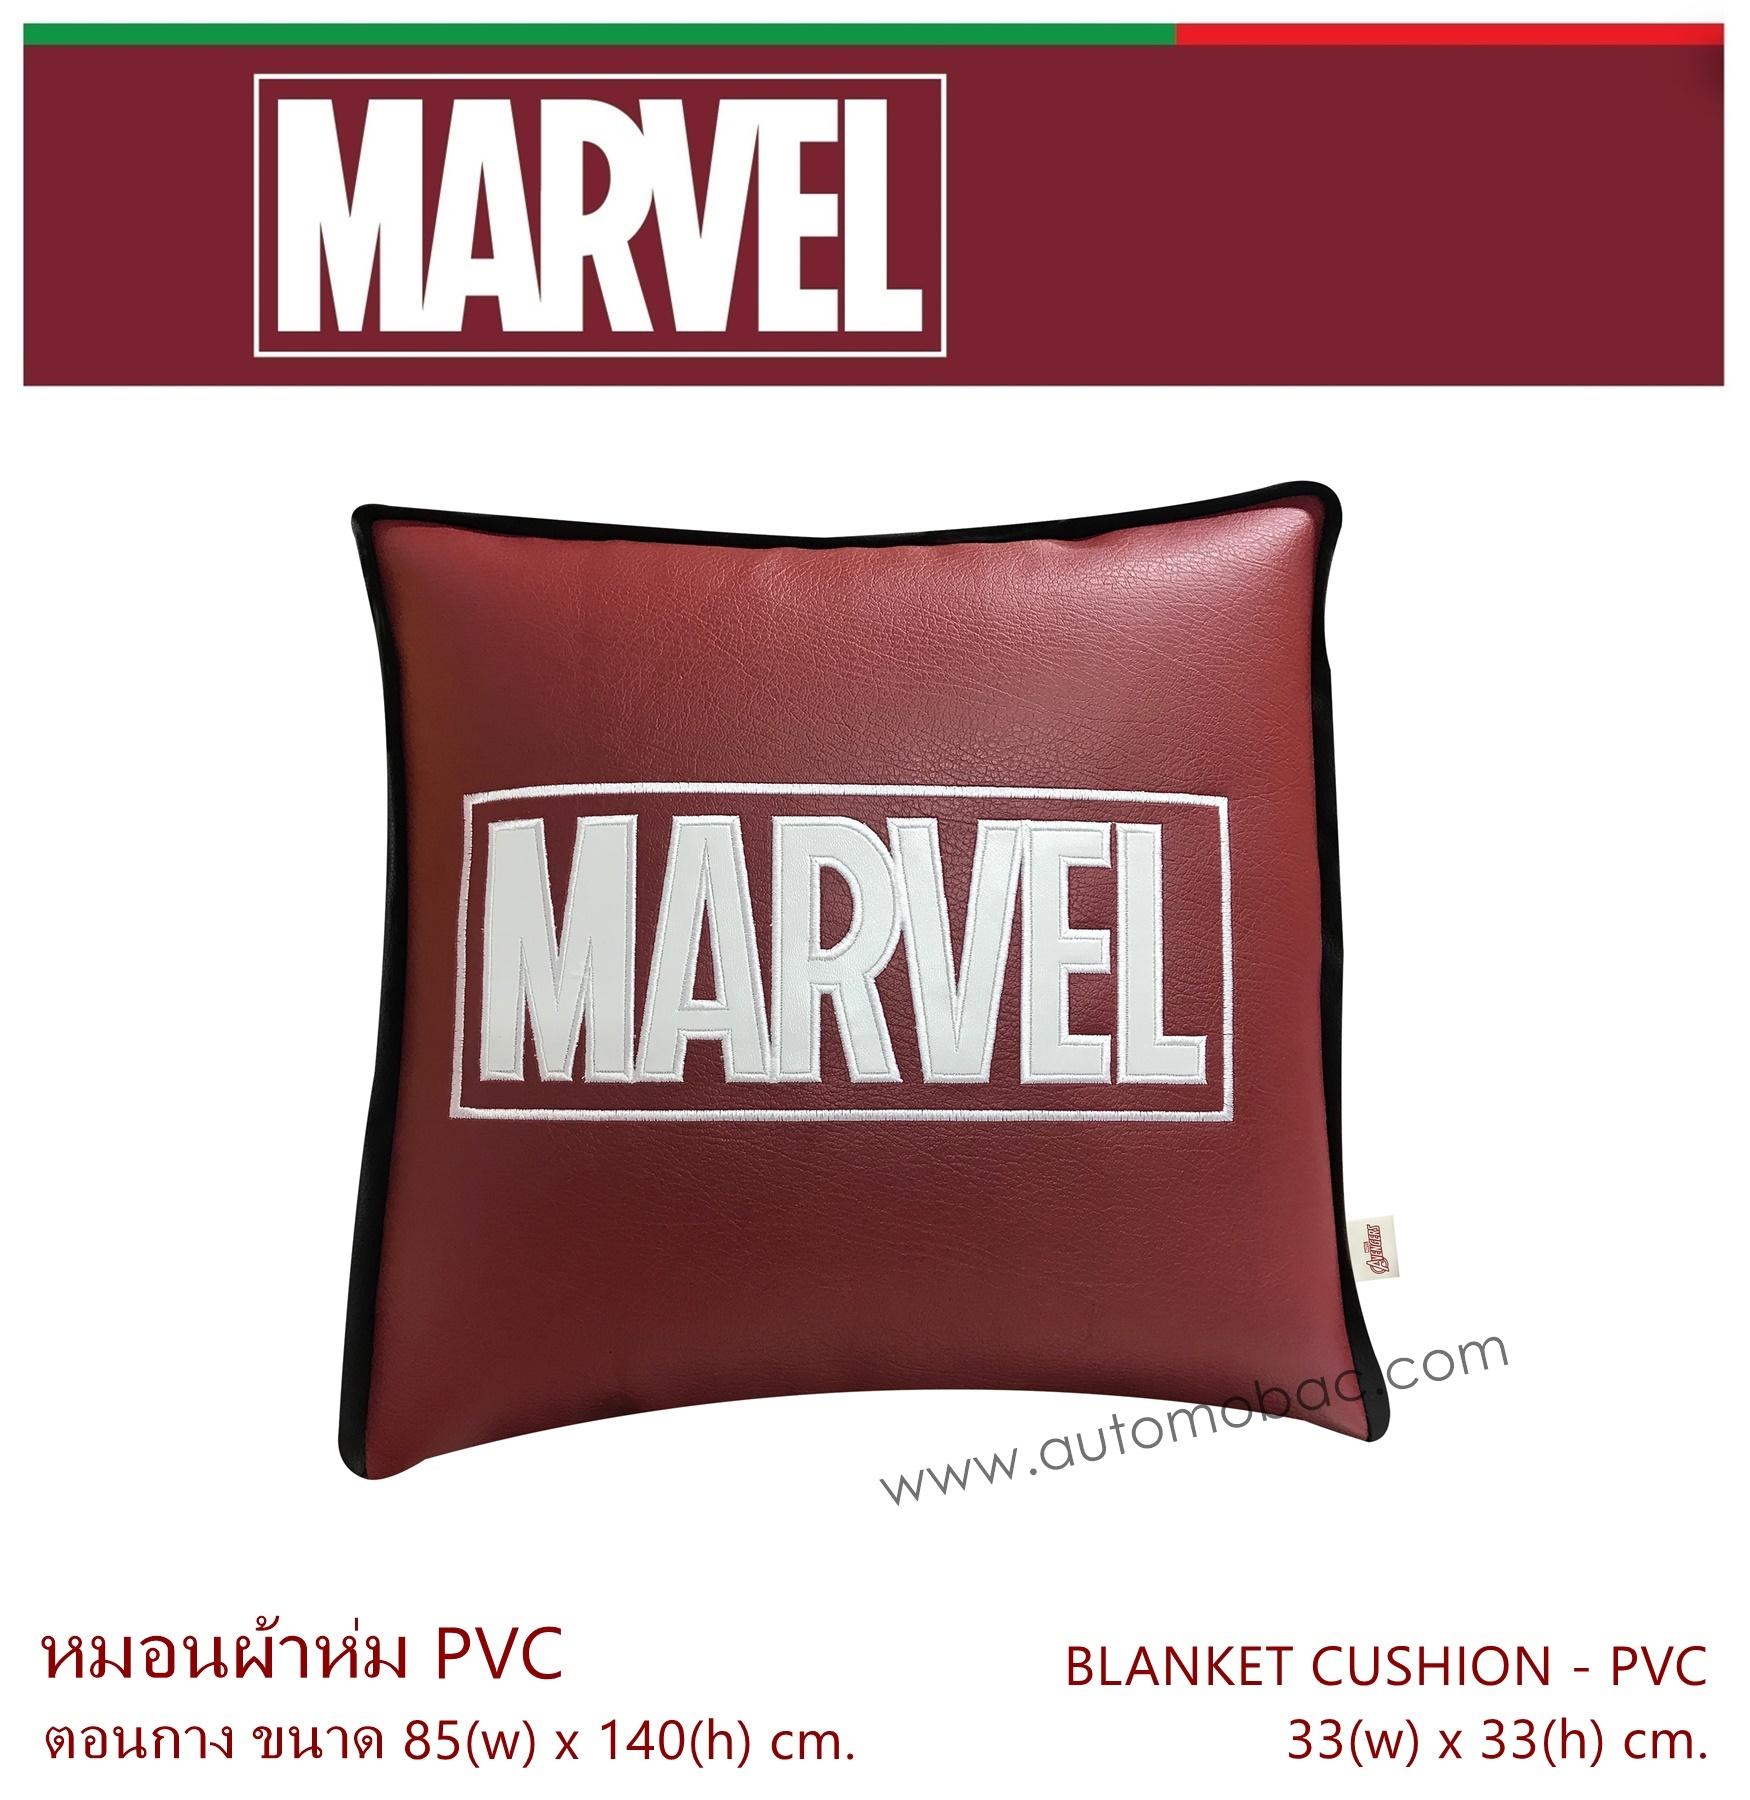 MARVEL หมอนผ้าห่ม 2 in 1 ผลิตจาก PVC เกรด A ขนาดประมาณ 85 x 140 cm. ใช้ได้ทั้งในรถ และในบ้าน